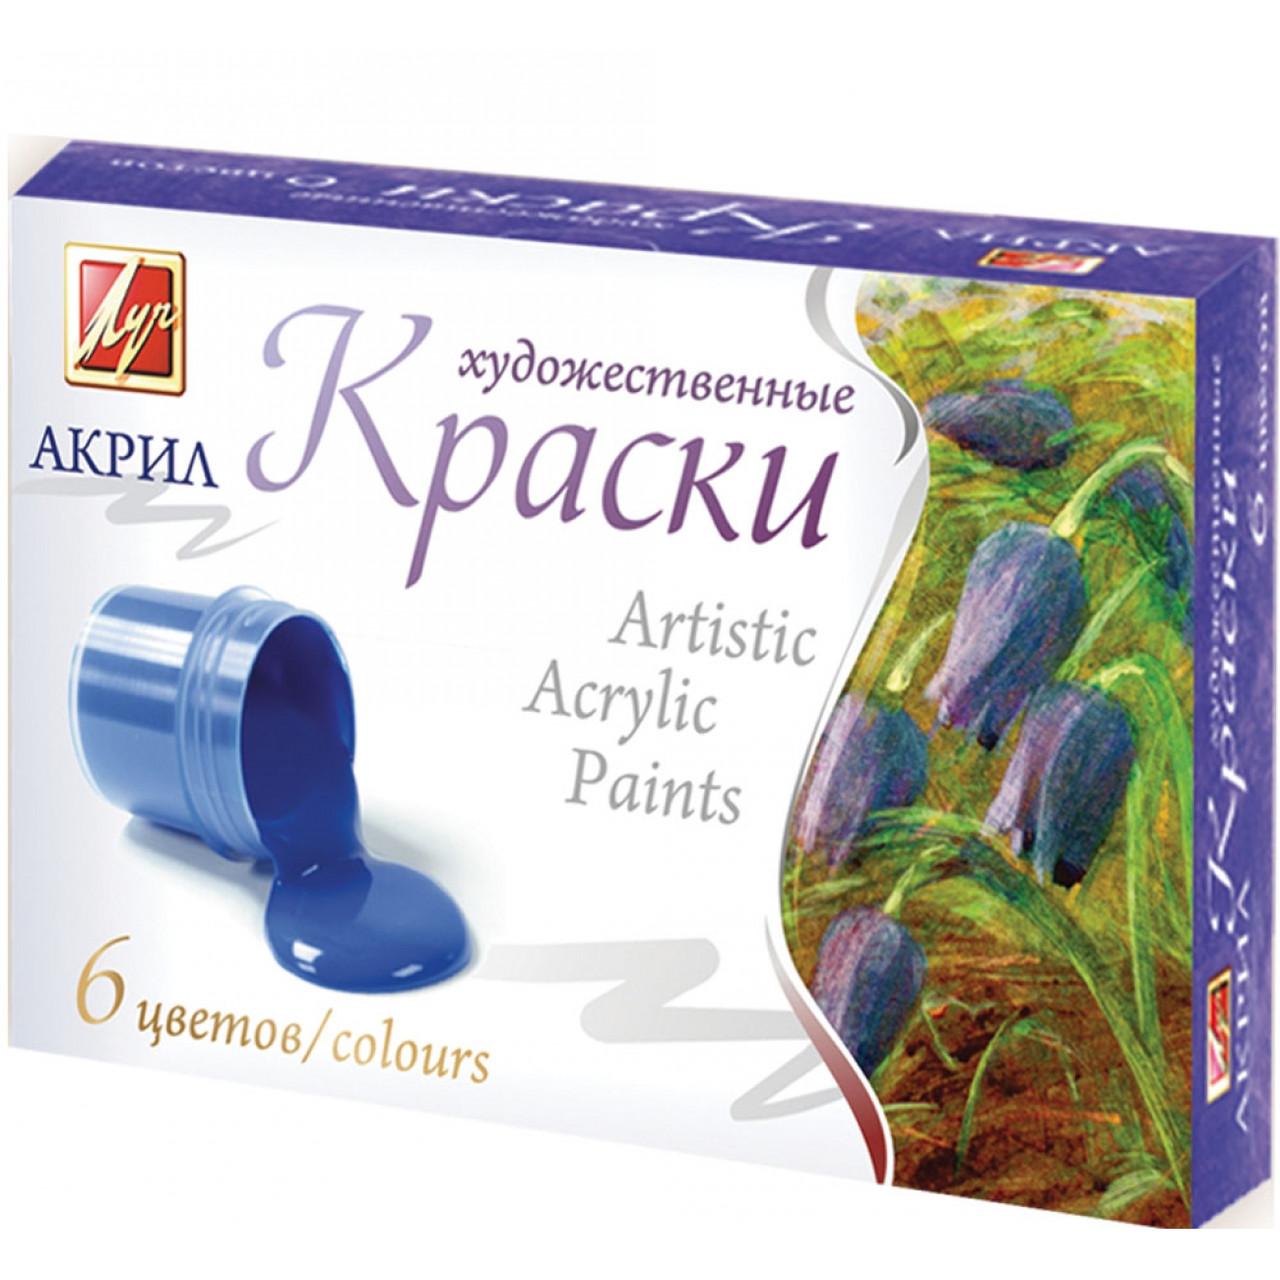 Краски акриловые художественные 6 цв. 20 мл 22С1408-08